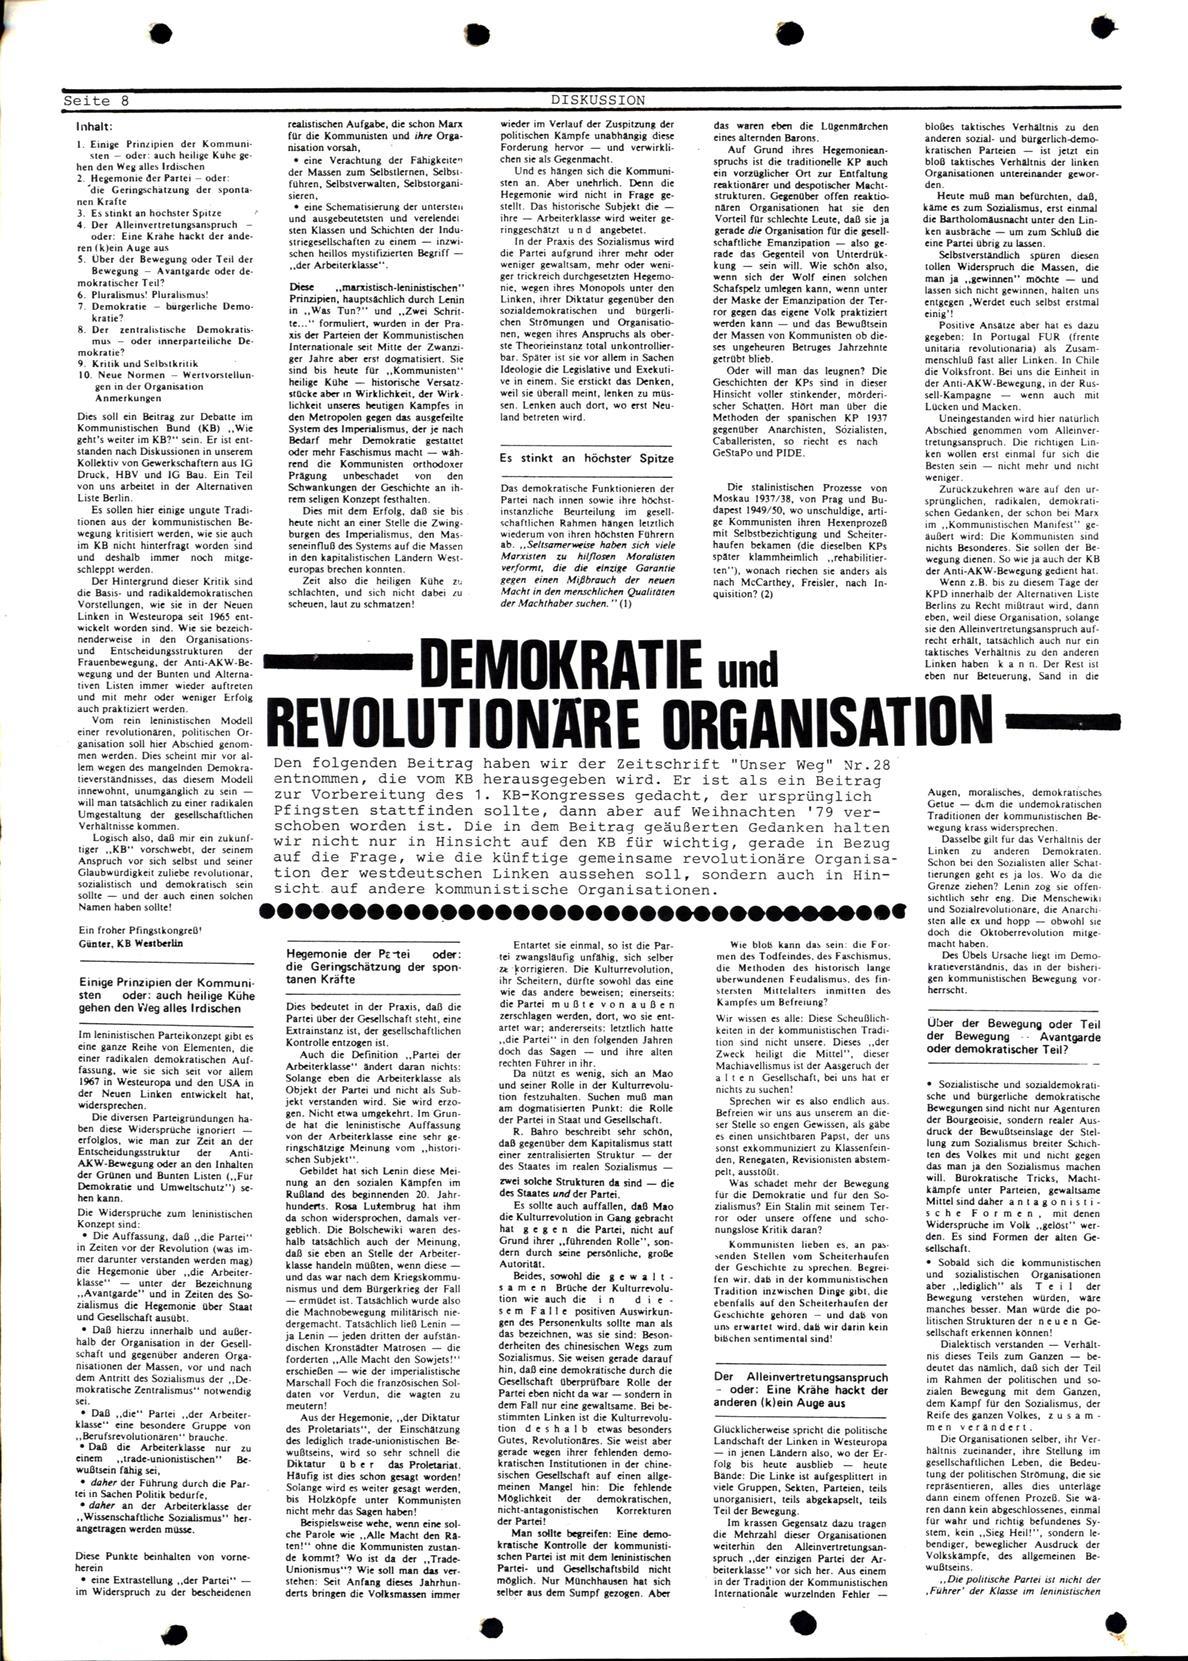 Bonner_Volksblatt_27_19790828_08